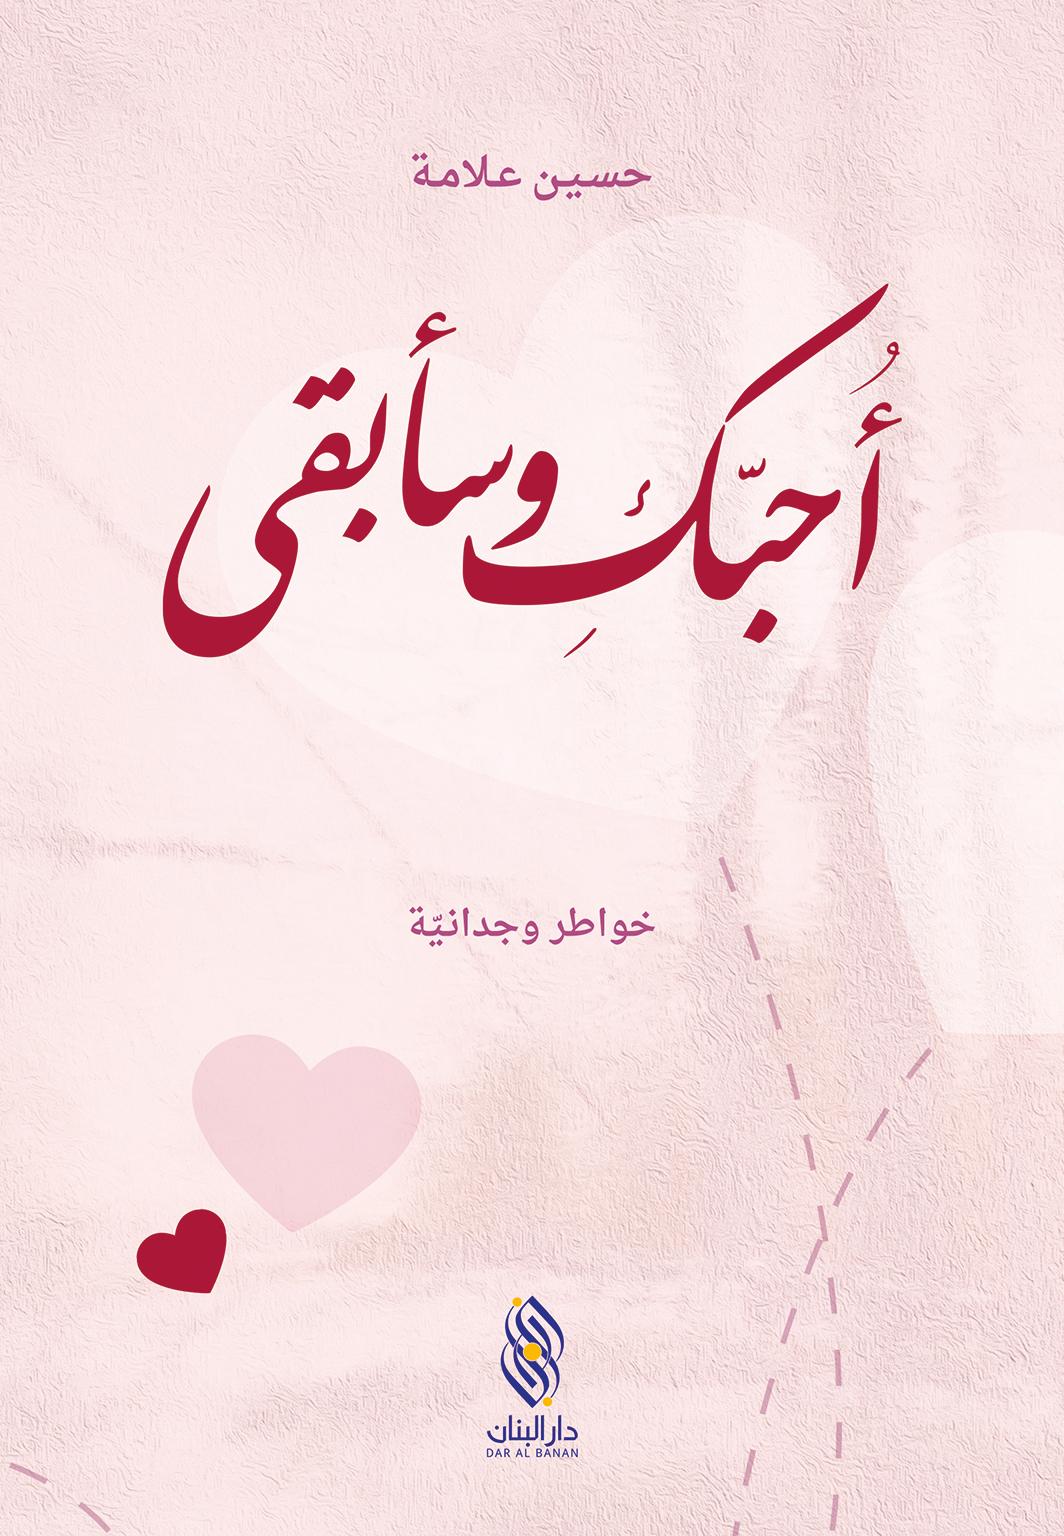 حسين علامة - أحبك وسأبقى